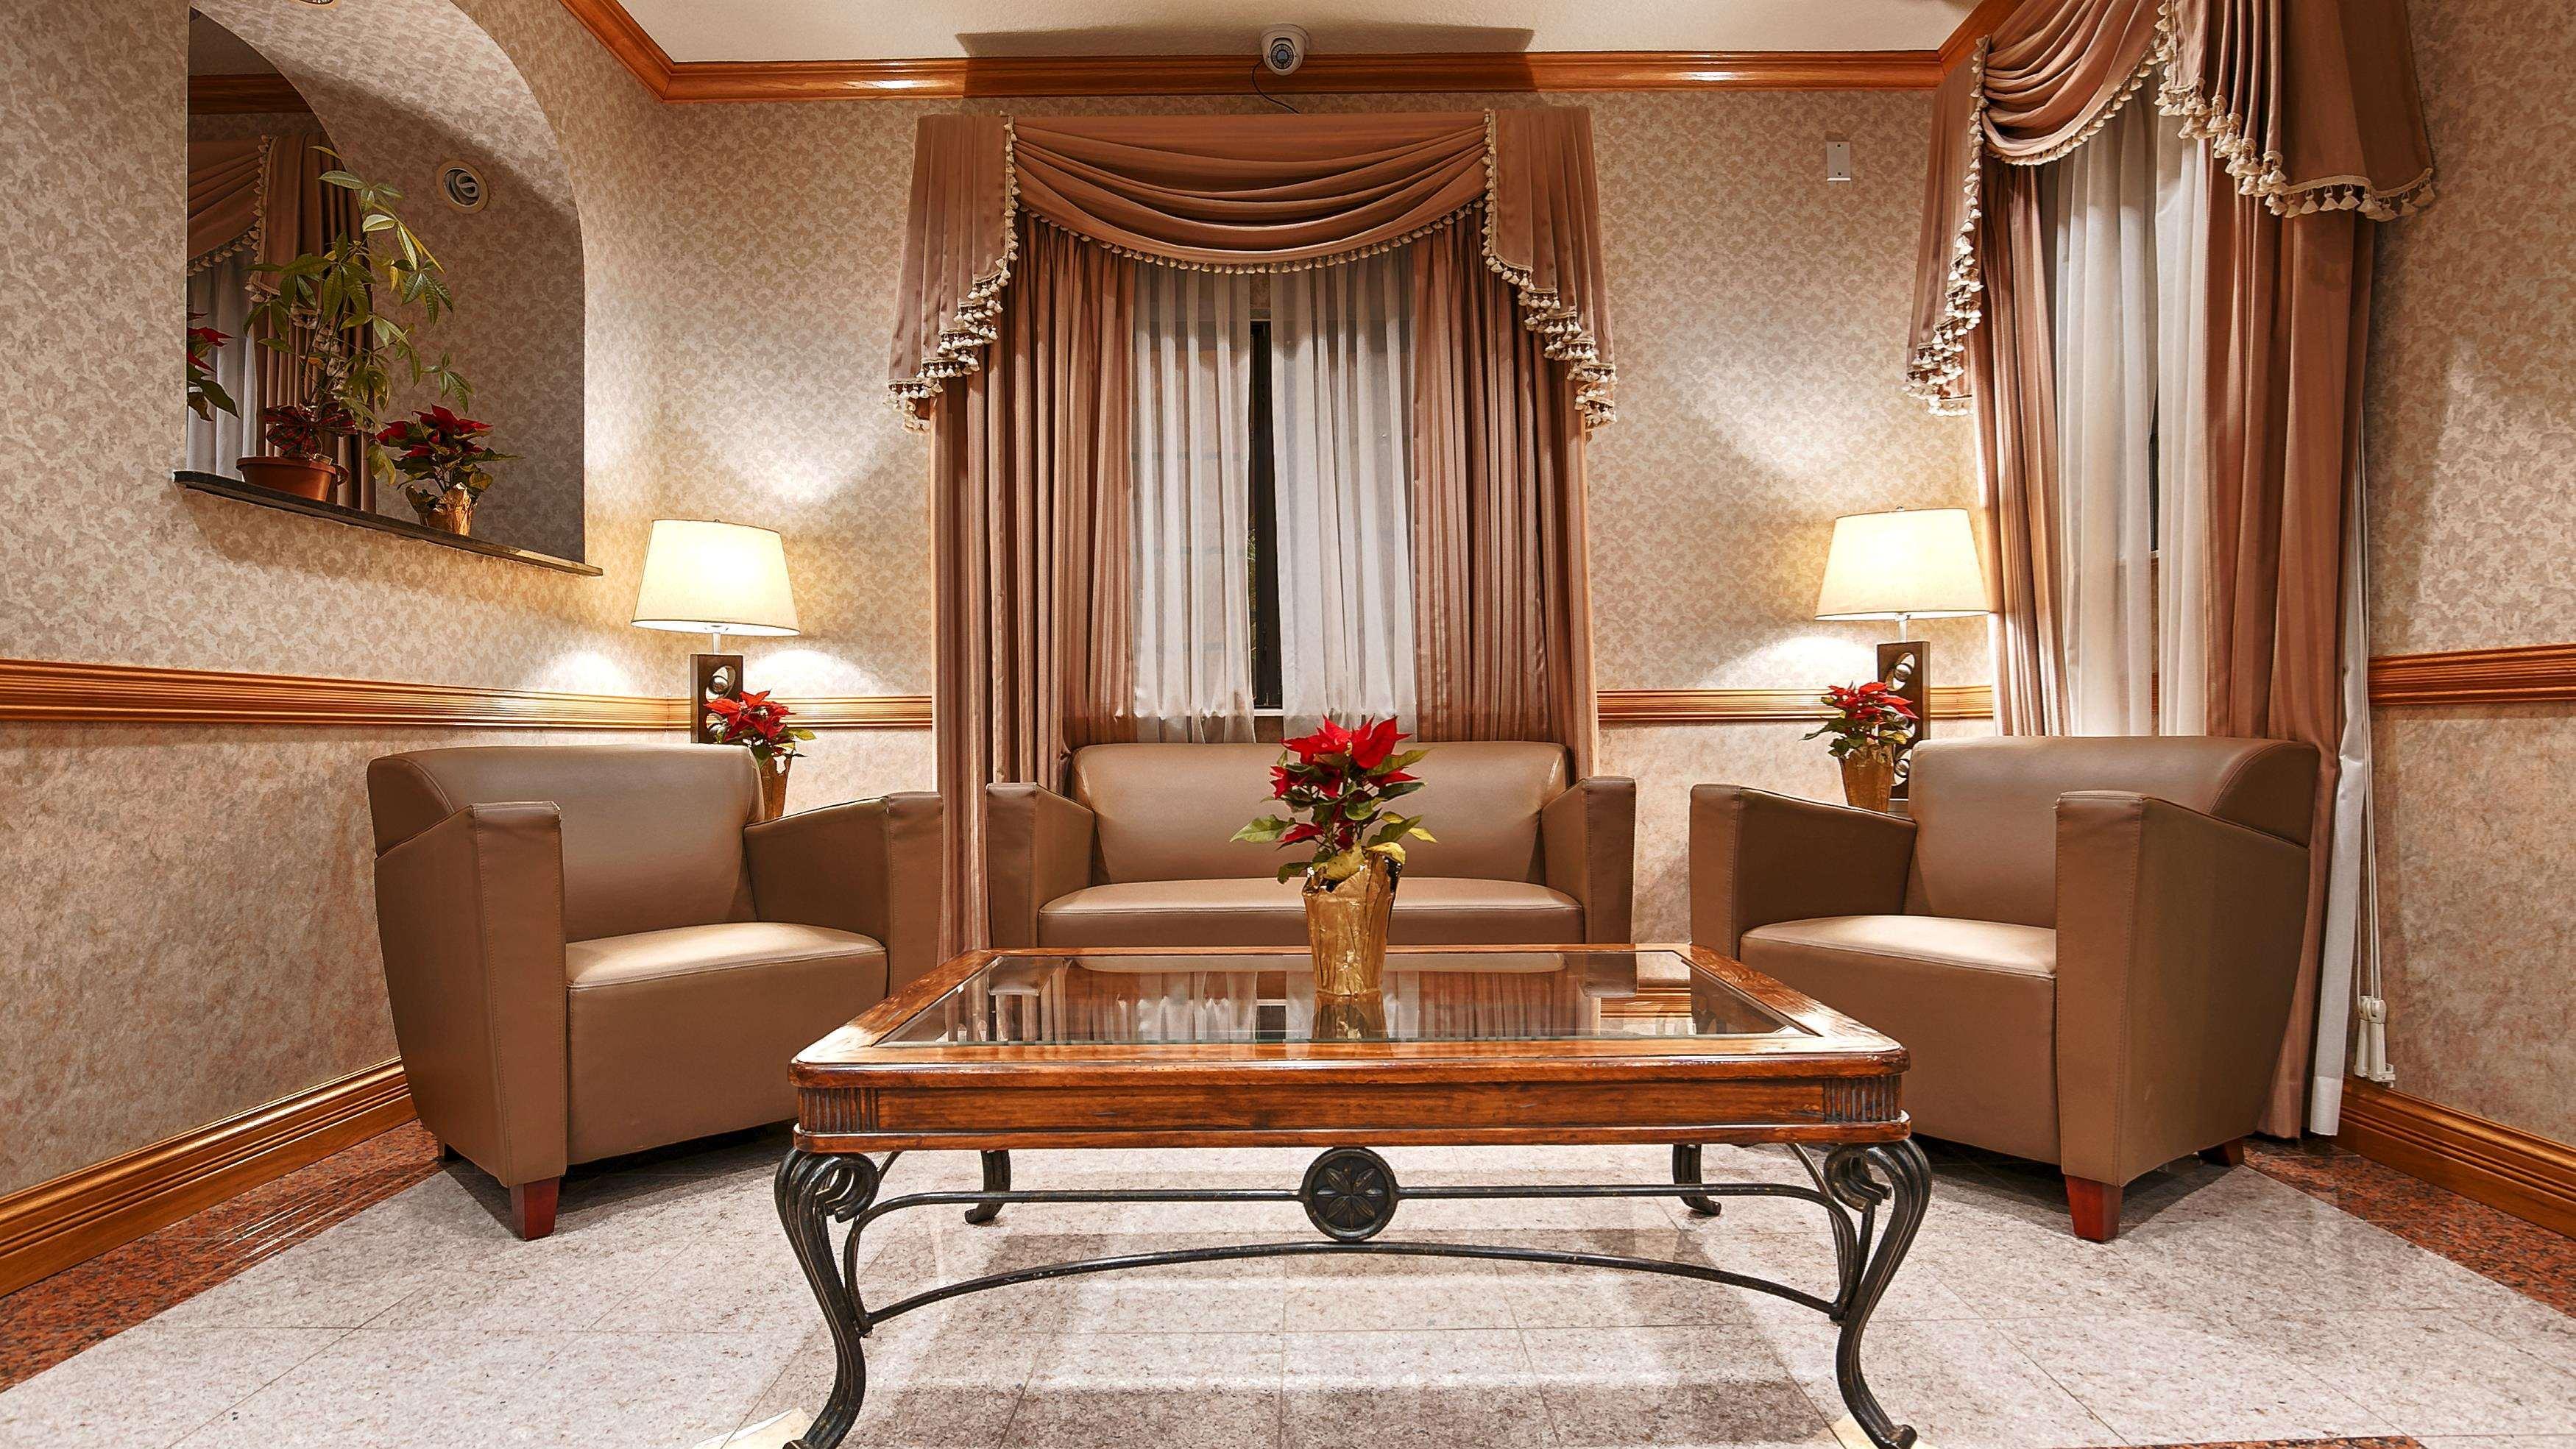 SureStay Hotel by Best Western Falfurrias image 26